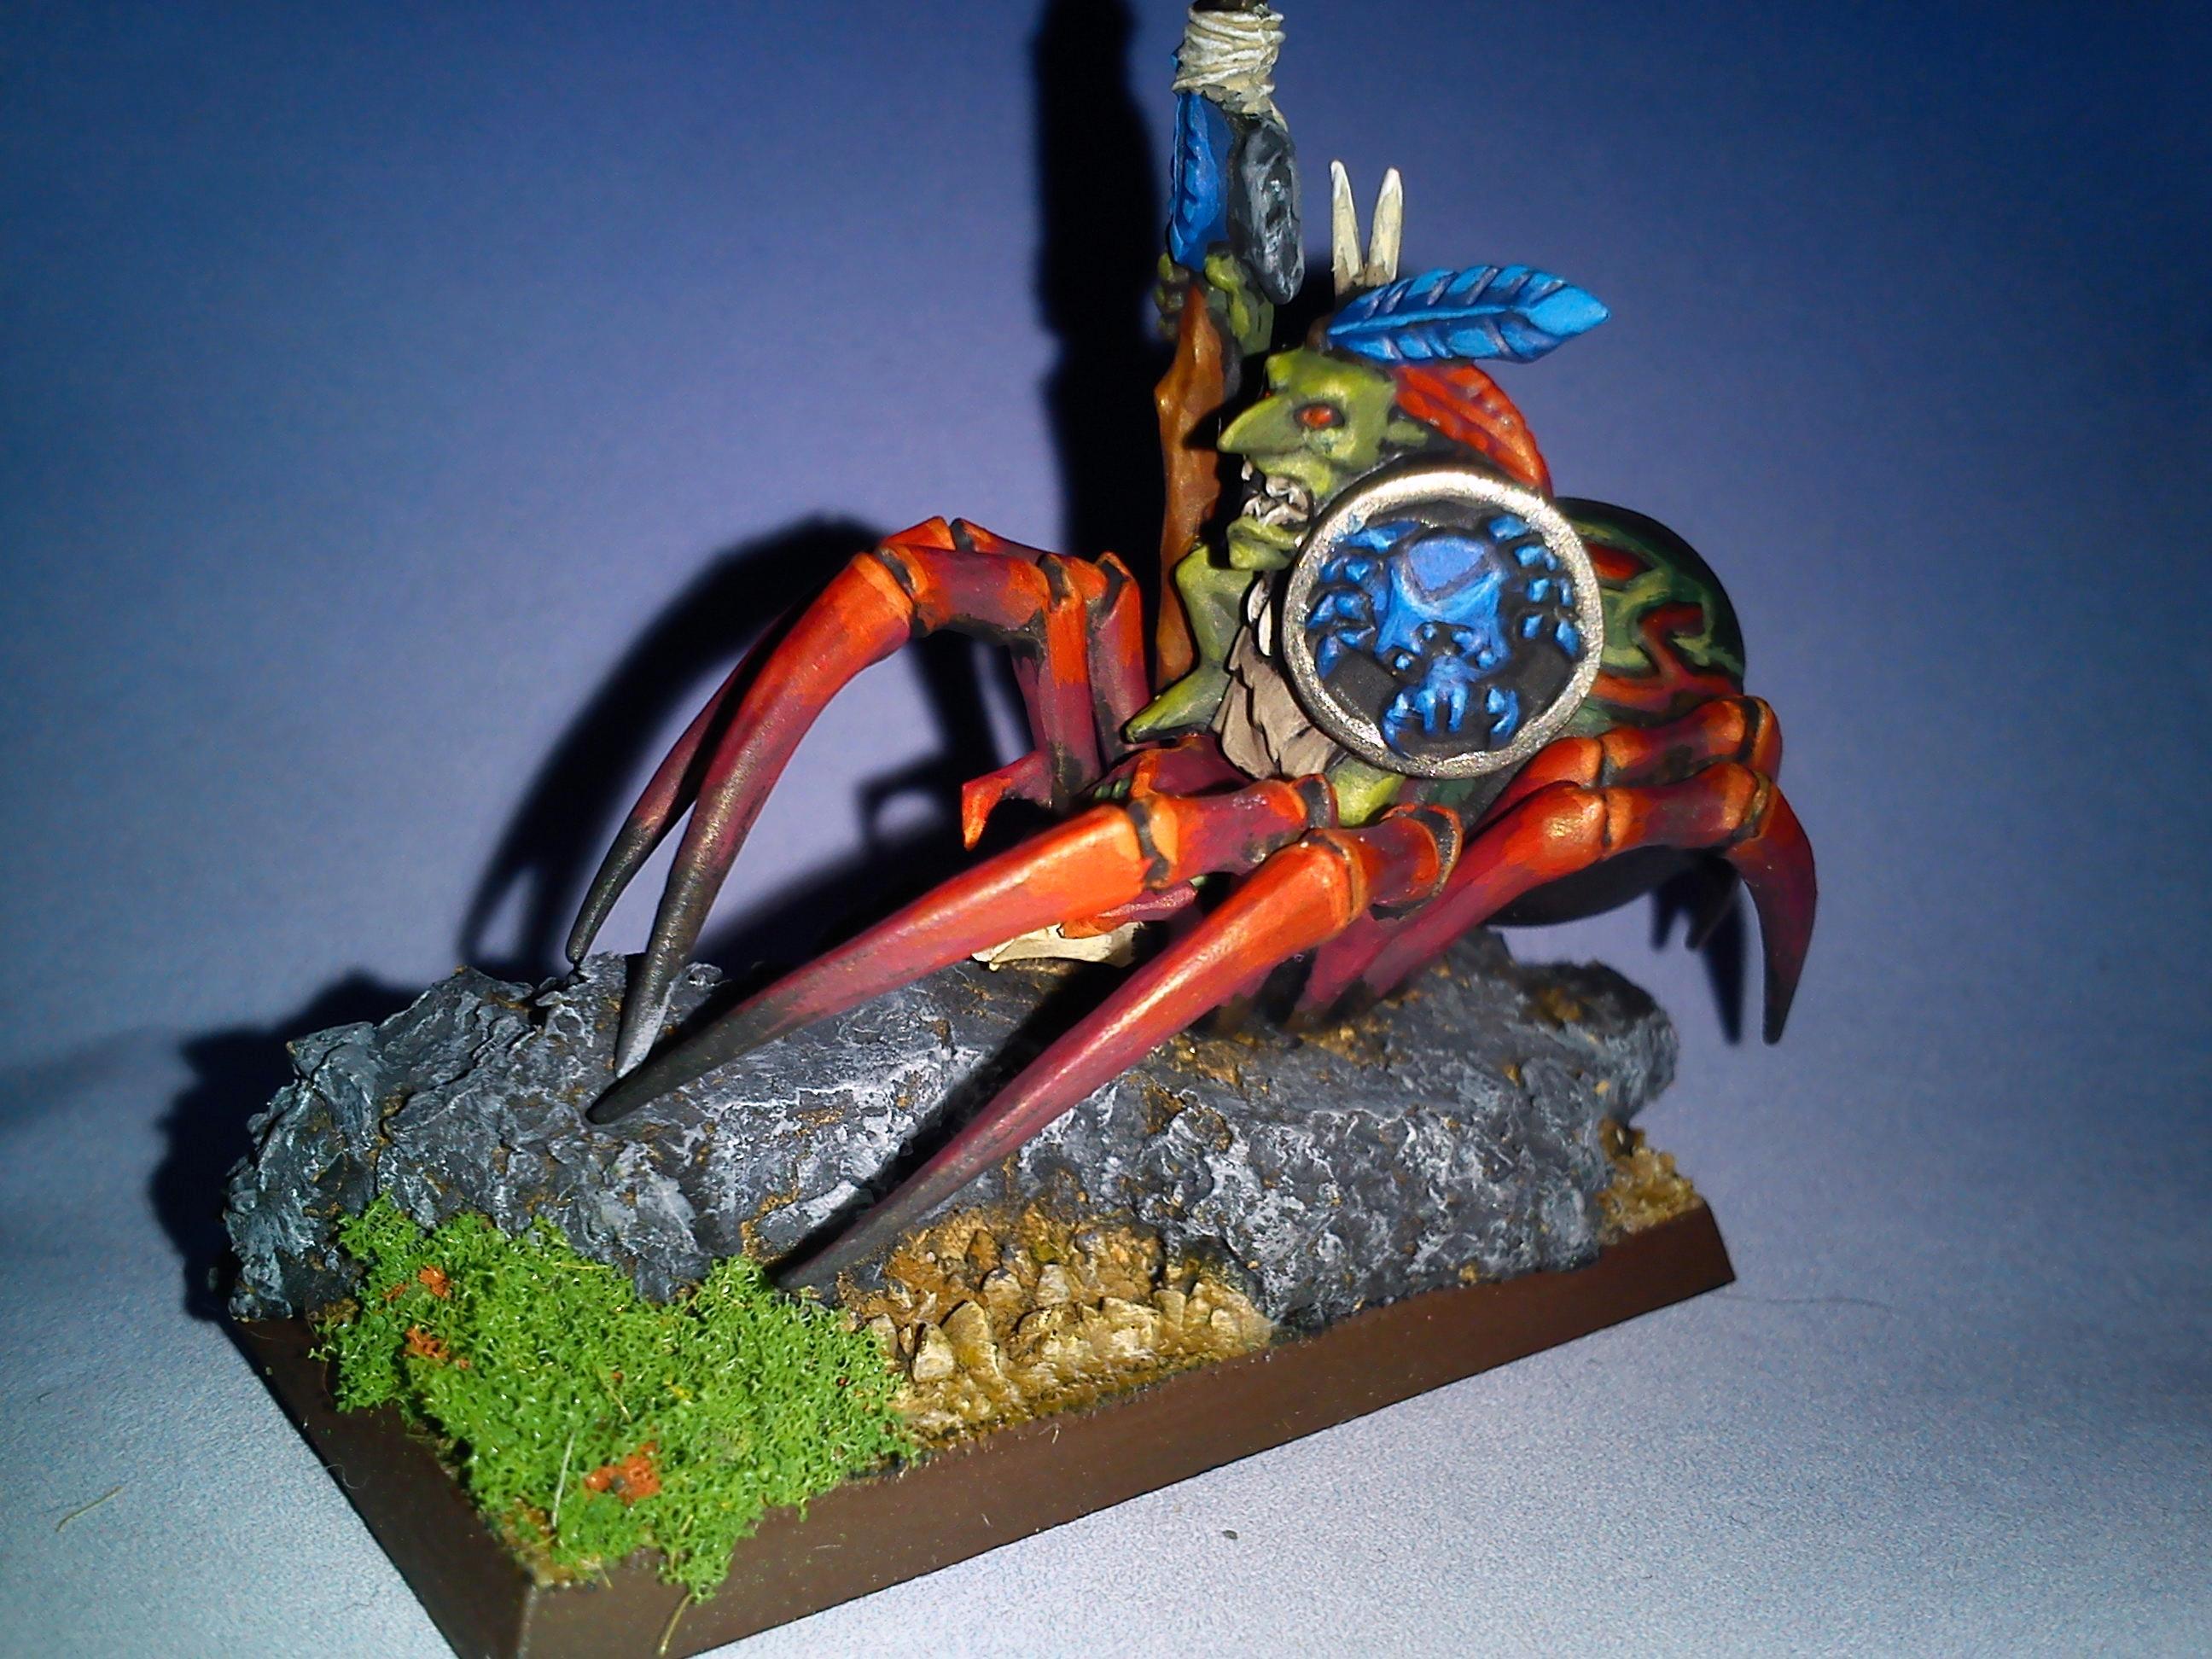 #1 Spider Rider